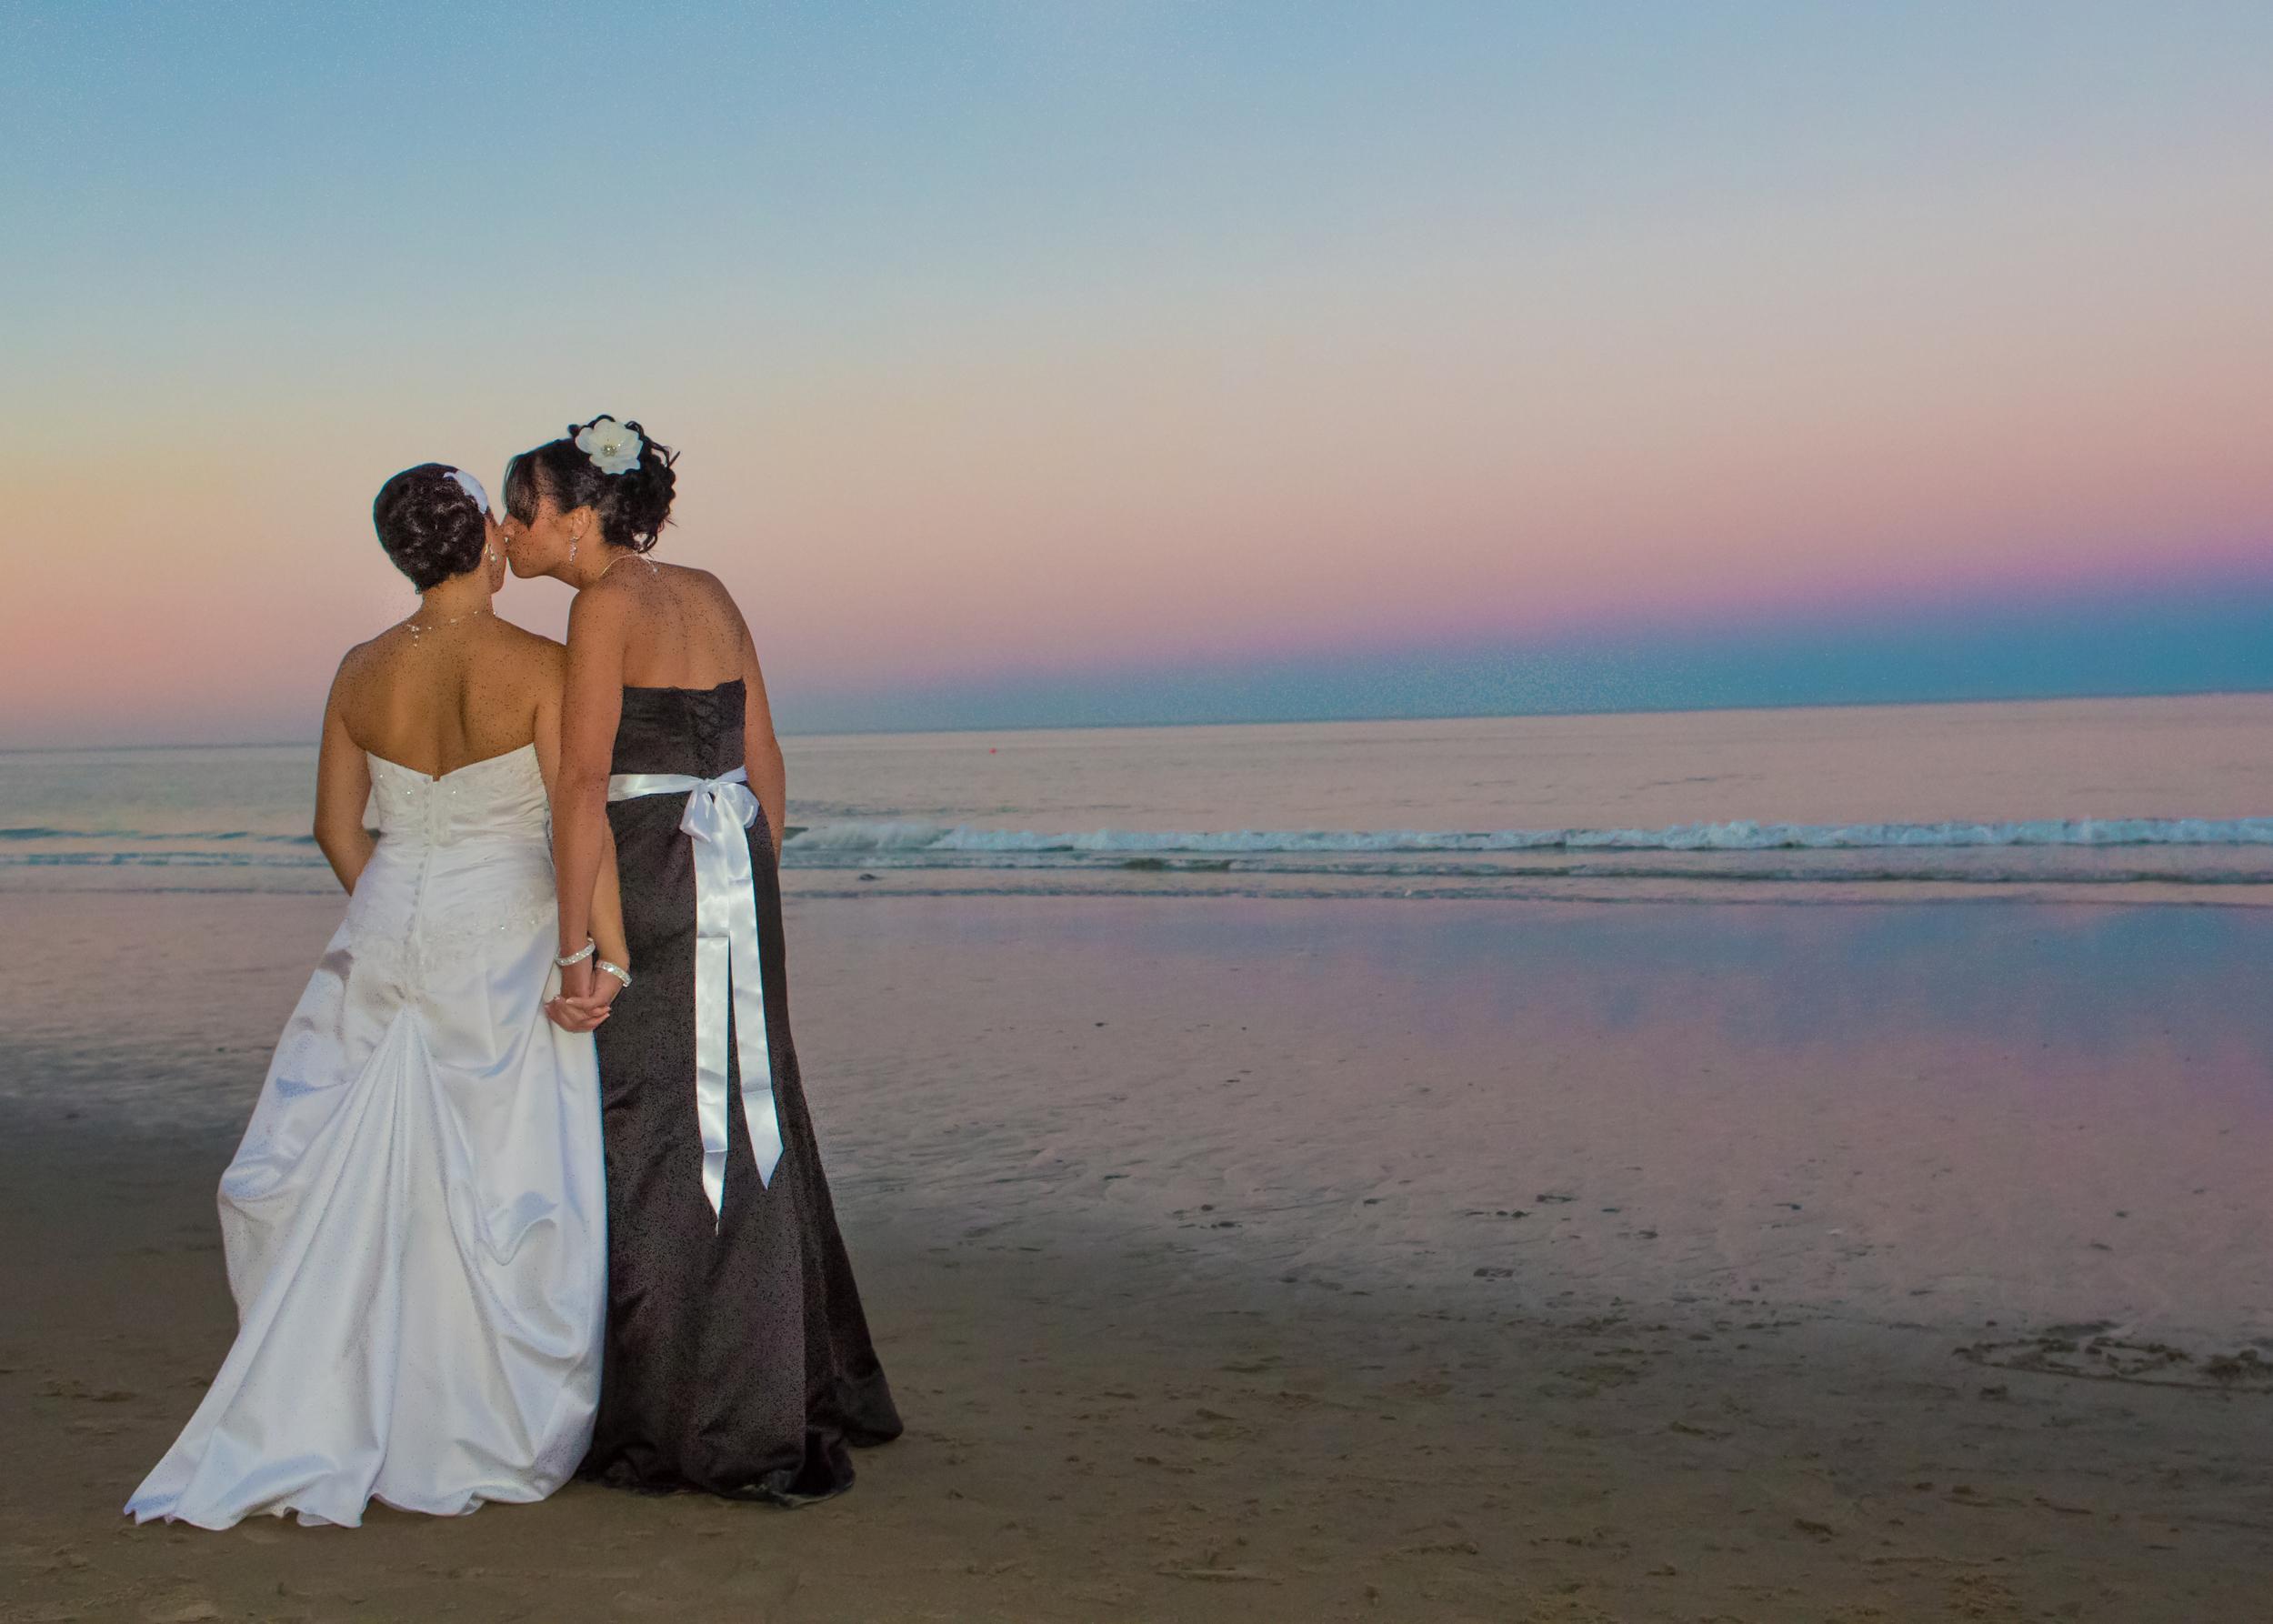 wedding beach love .jpg